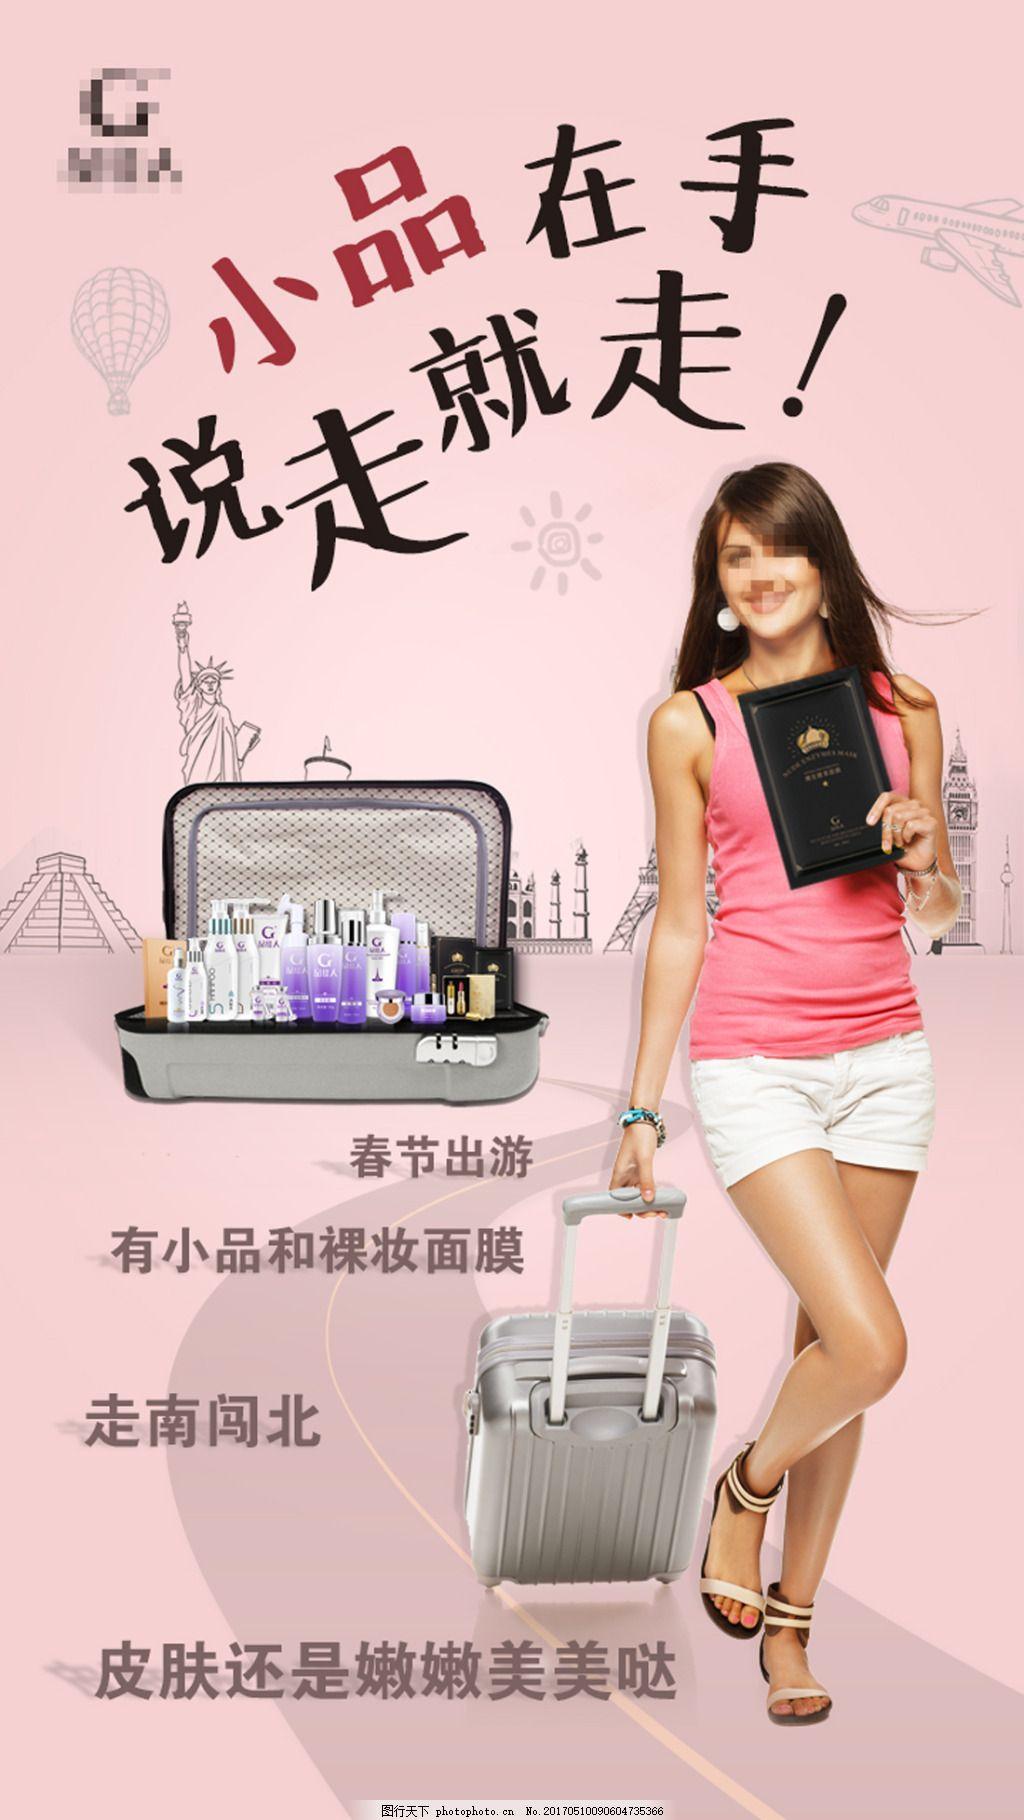 淘宝电商微商化妆品护肤品大气招代理海报 化妆品海报 粉色 黑色